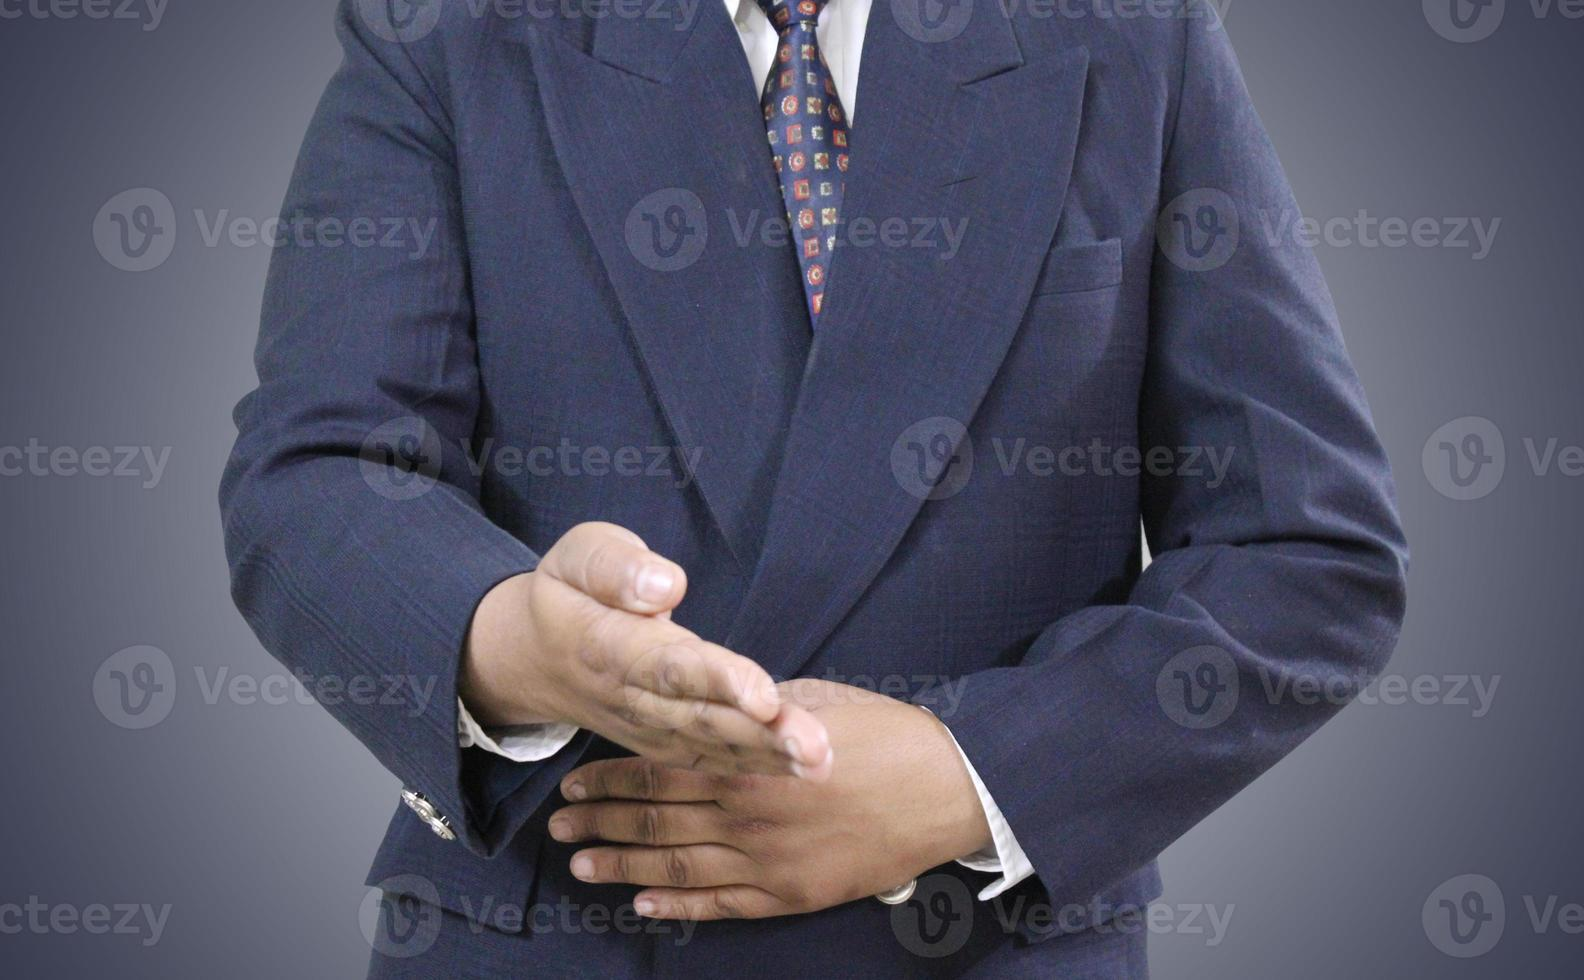 prêt à serrer la main. photo